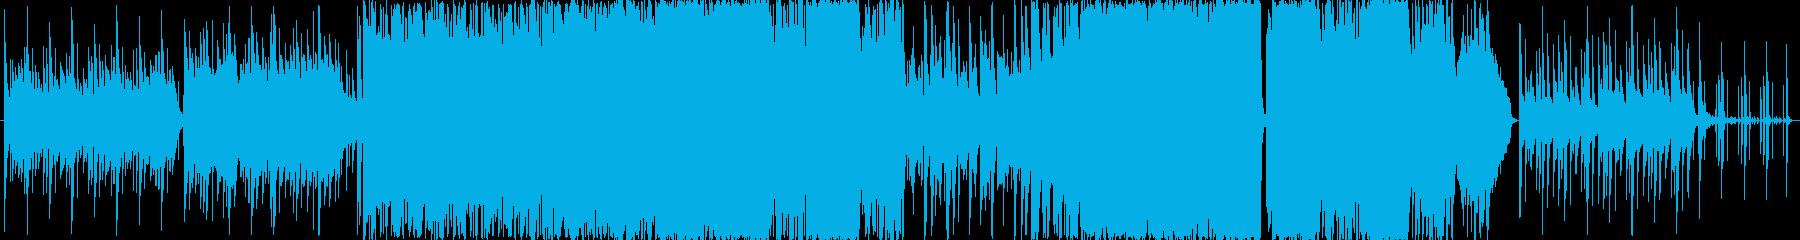 ポップスなオーケストラ エンディング曲の再生済みの波形